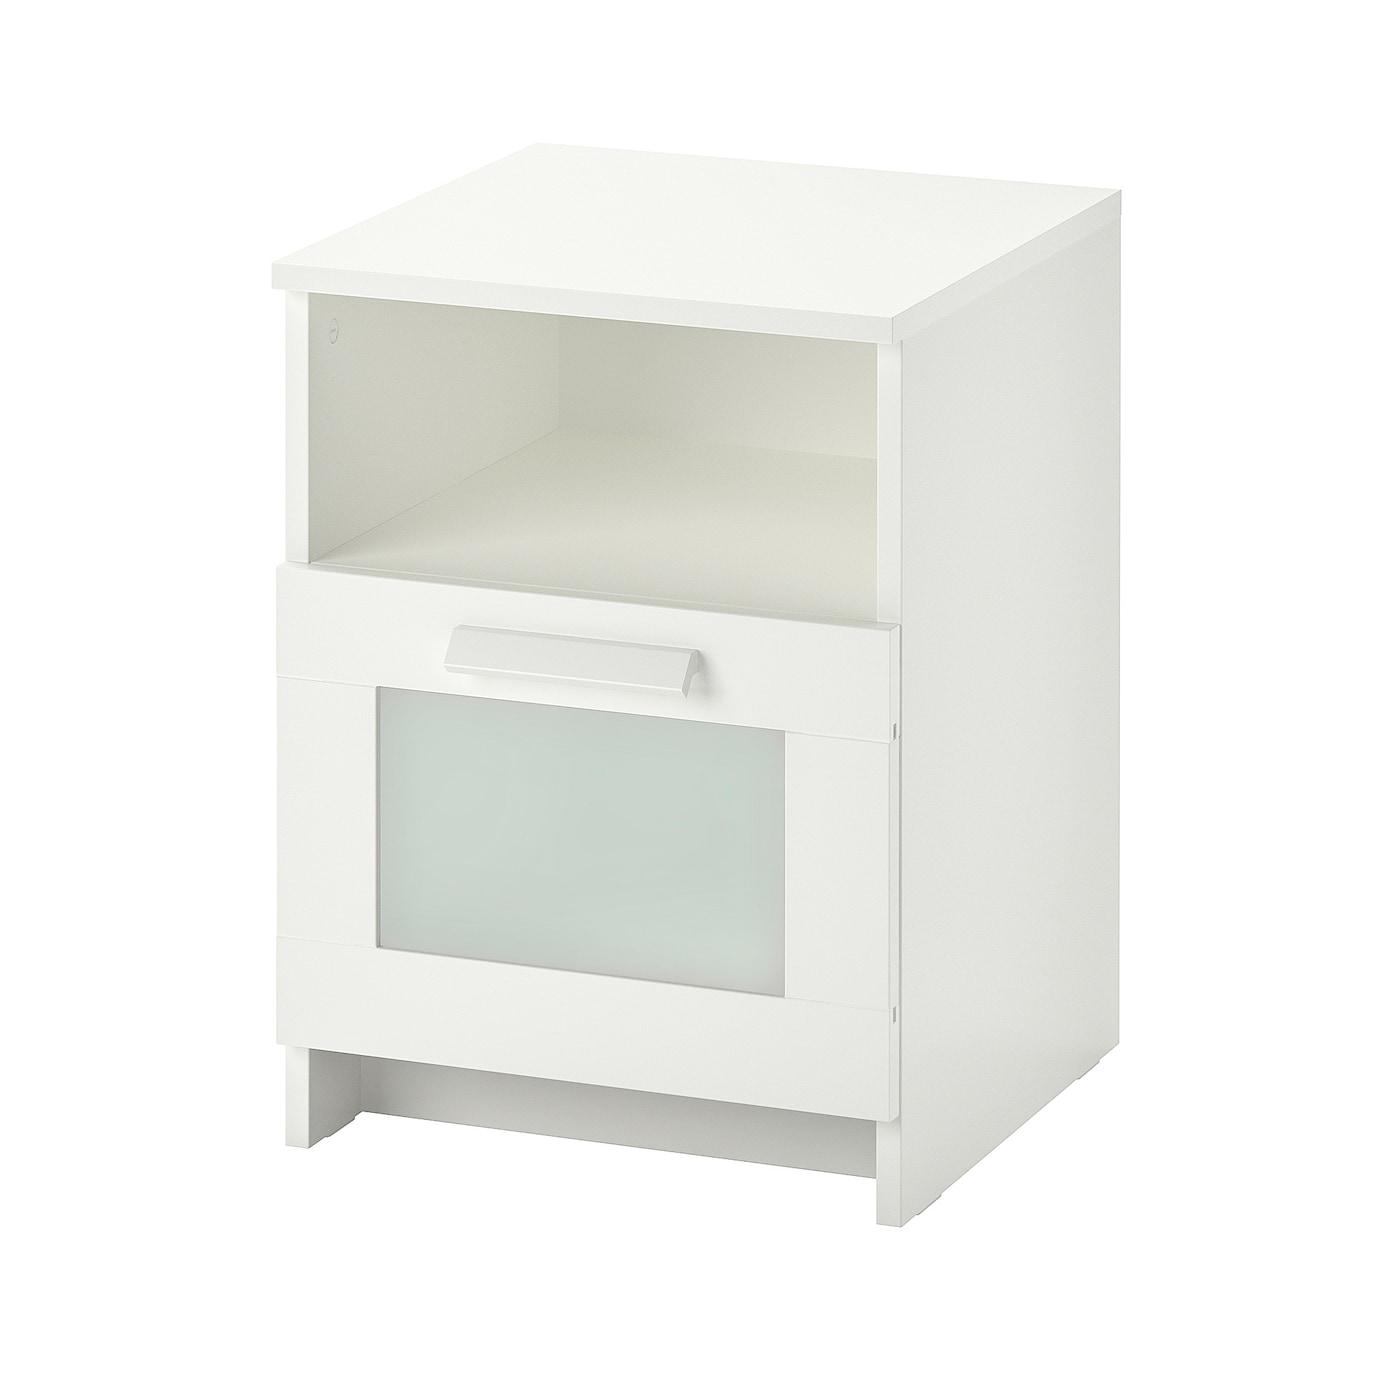 BRIMNES Mesita de noche, blanco, 39x41 cm IKEA